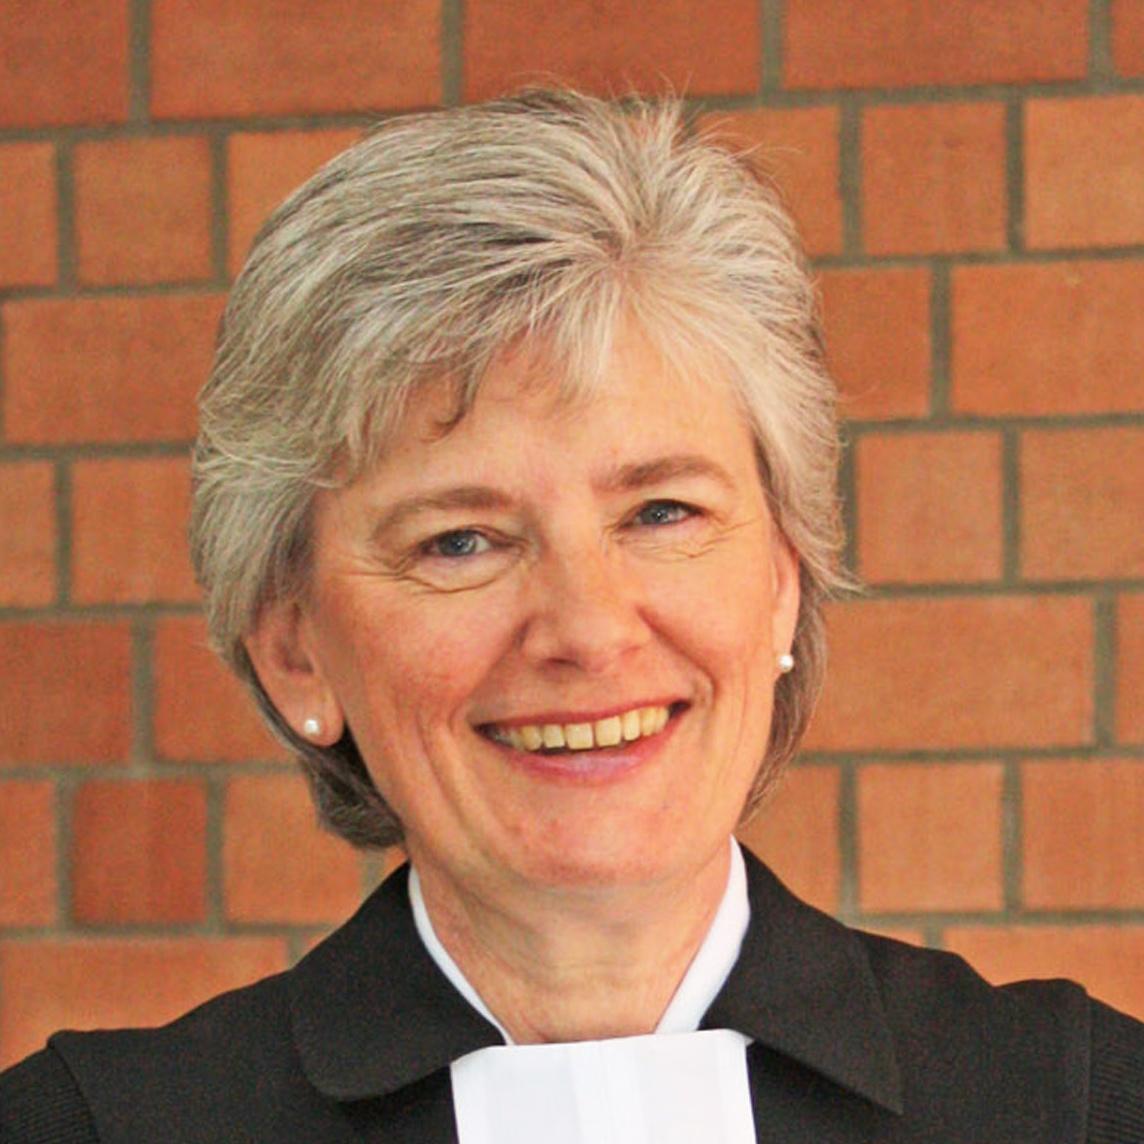 Weihnachtspredigt der Superintendentin Anke Schröder: Gottes Kind zu sein, hat Konsequenzen